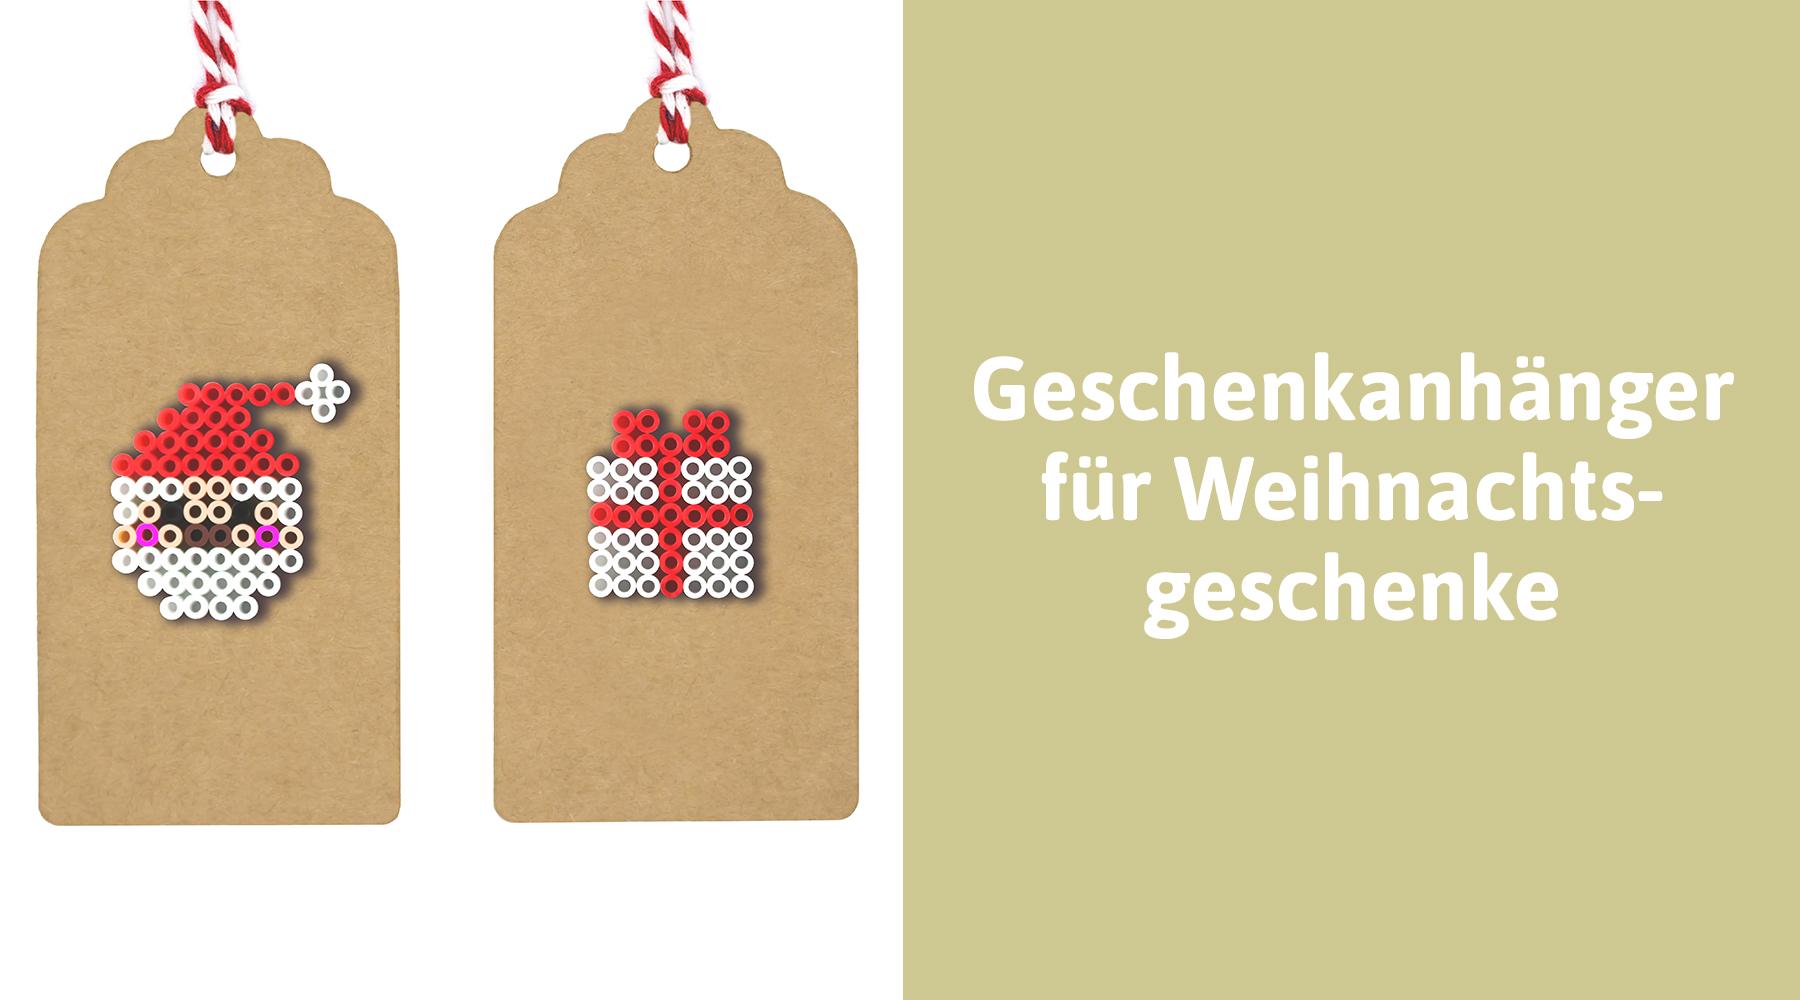 Persönliche Geschenkanhänger für Weihnachtsgeschenke